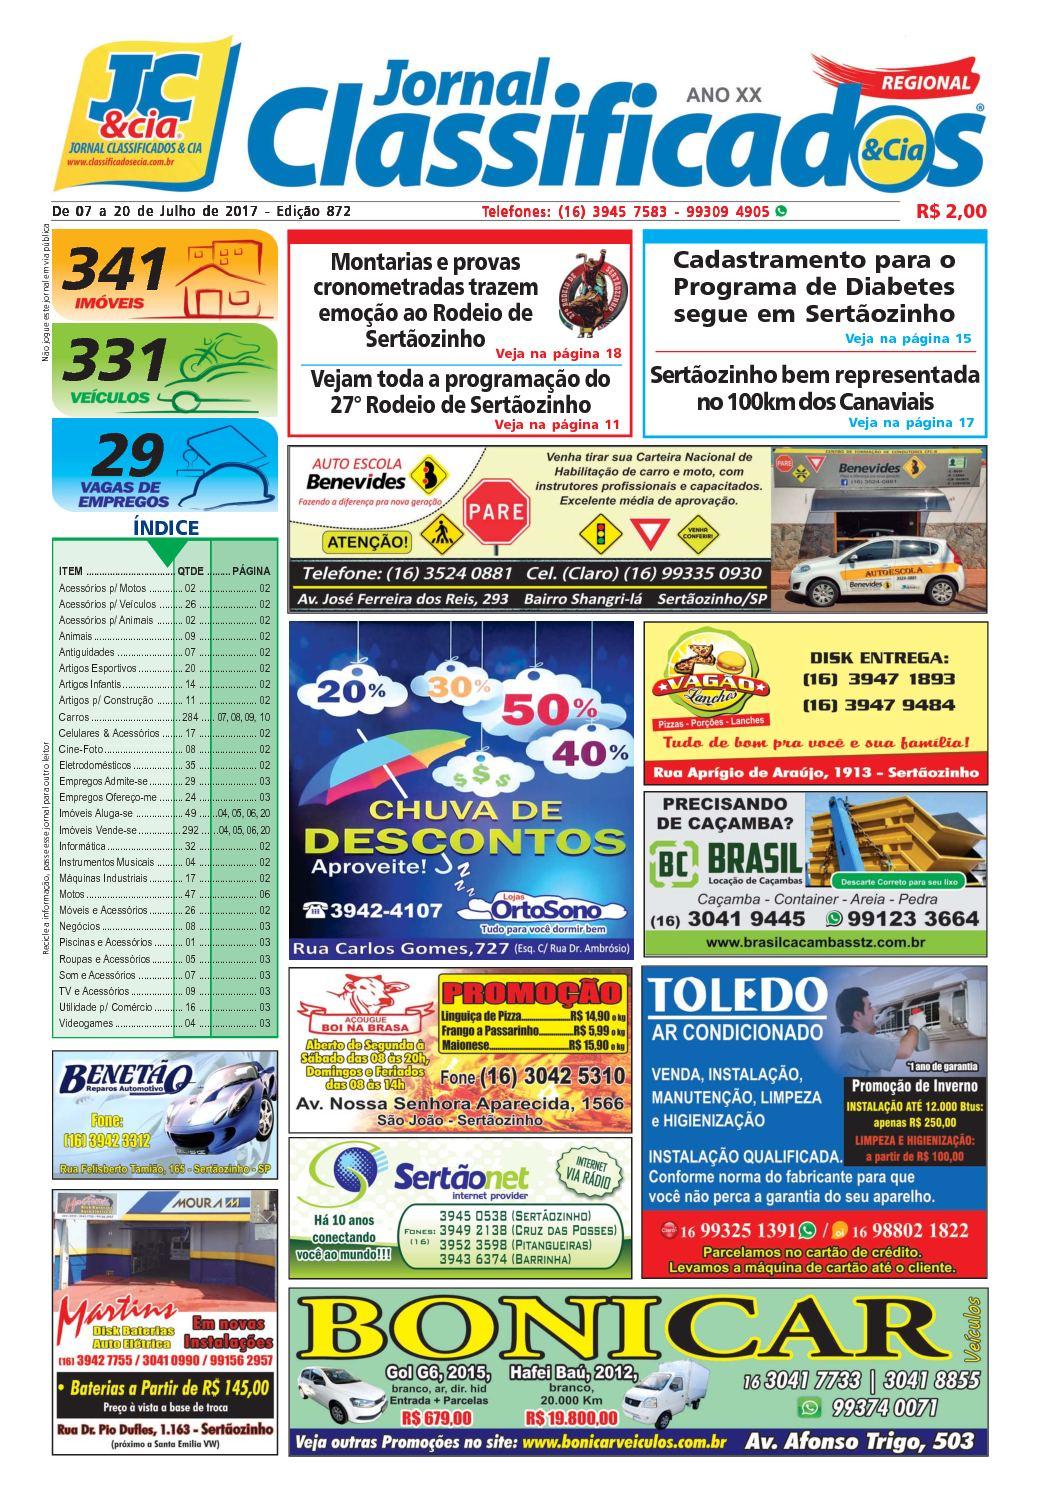 Calaméo - Regional 872 e5653e5ca9767